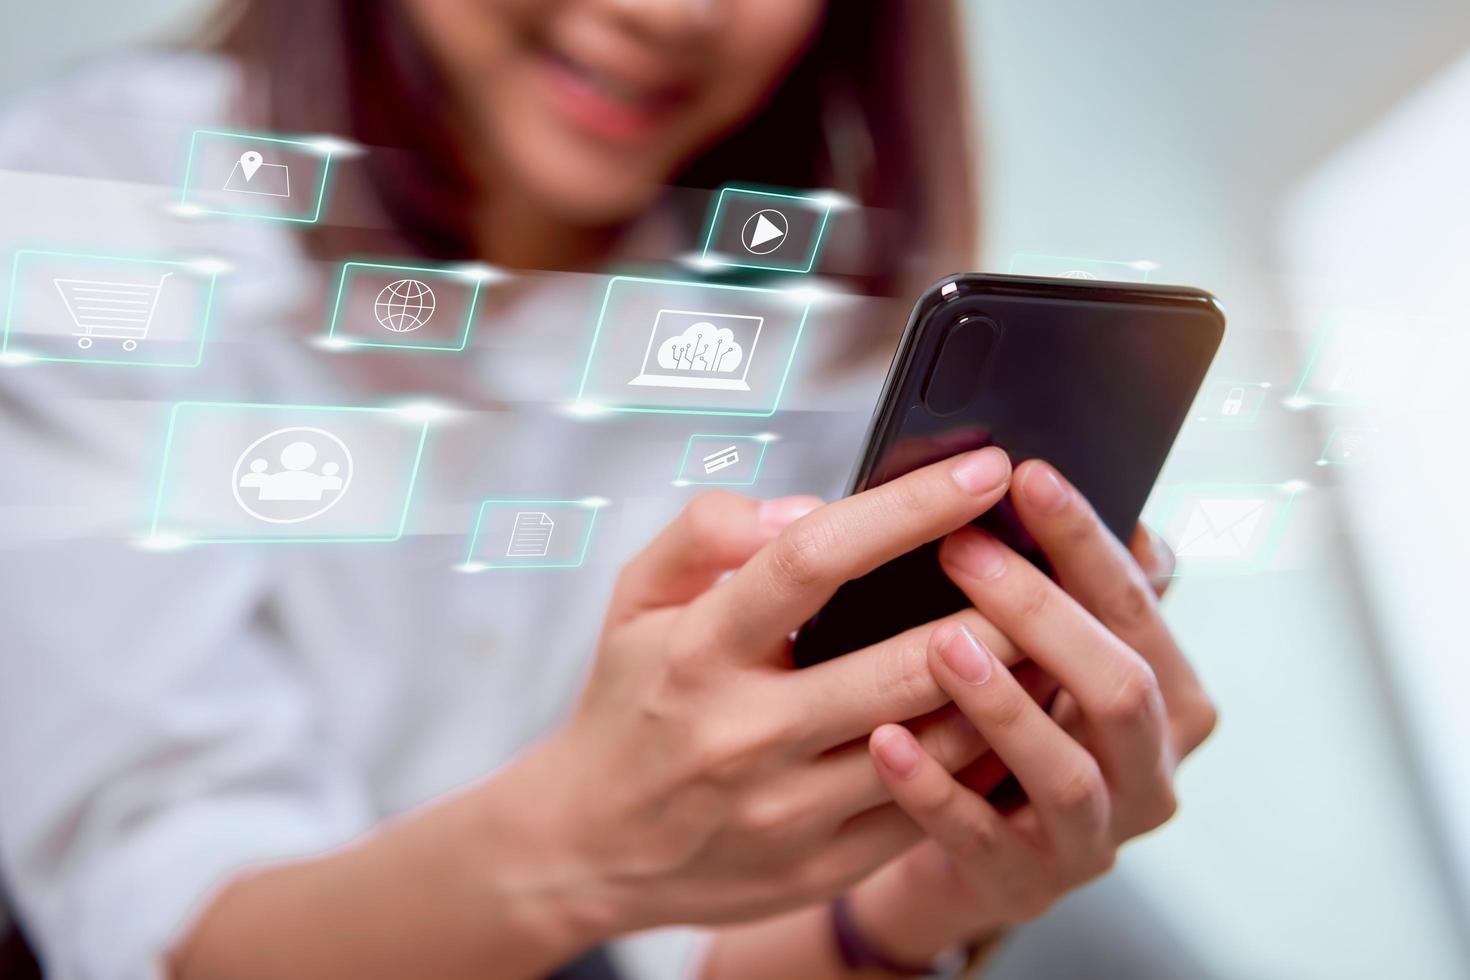 donna che tiene smartphone con le icone social media visualizzate foto